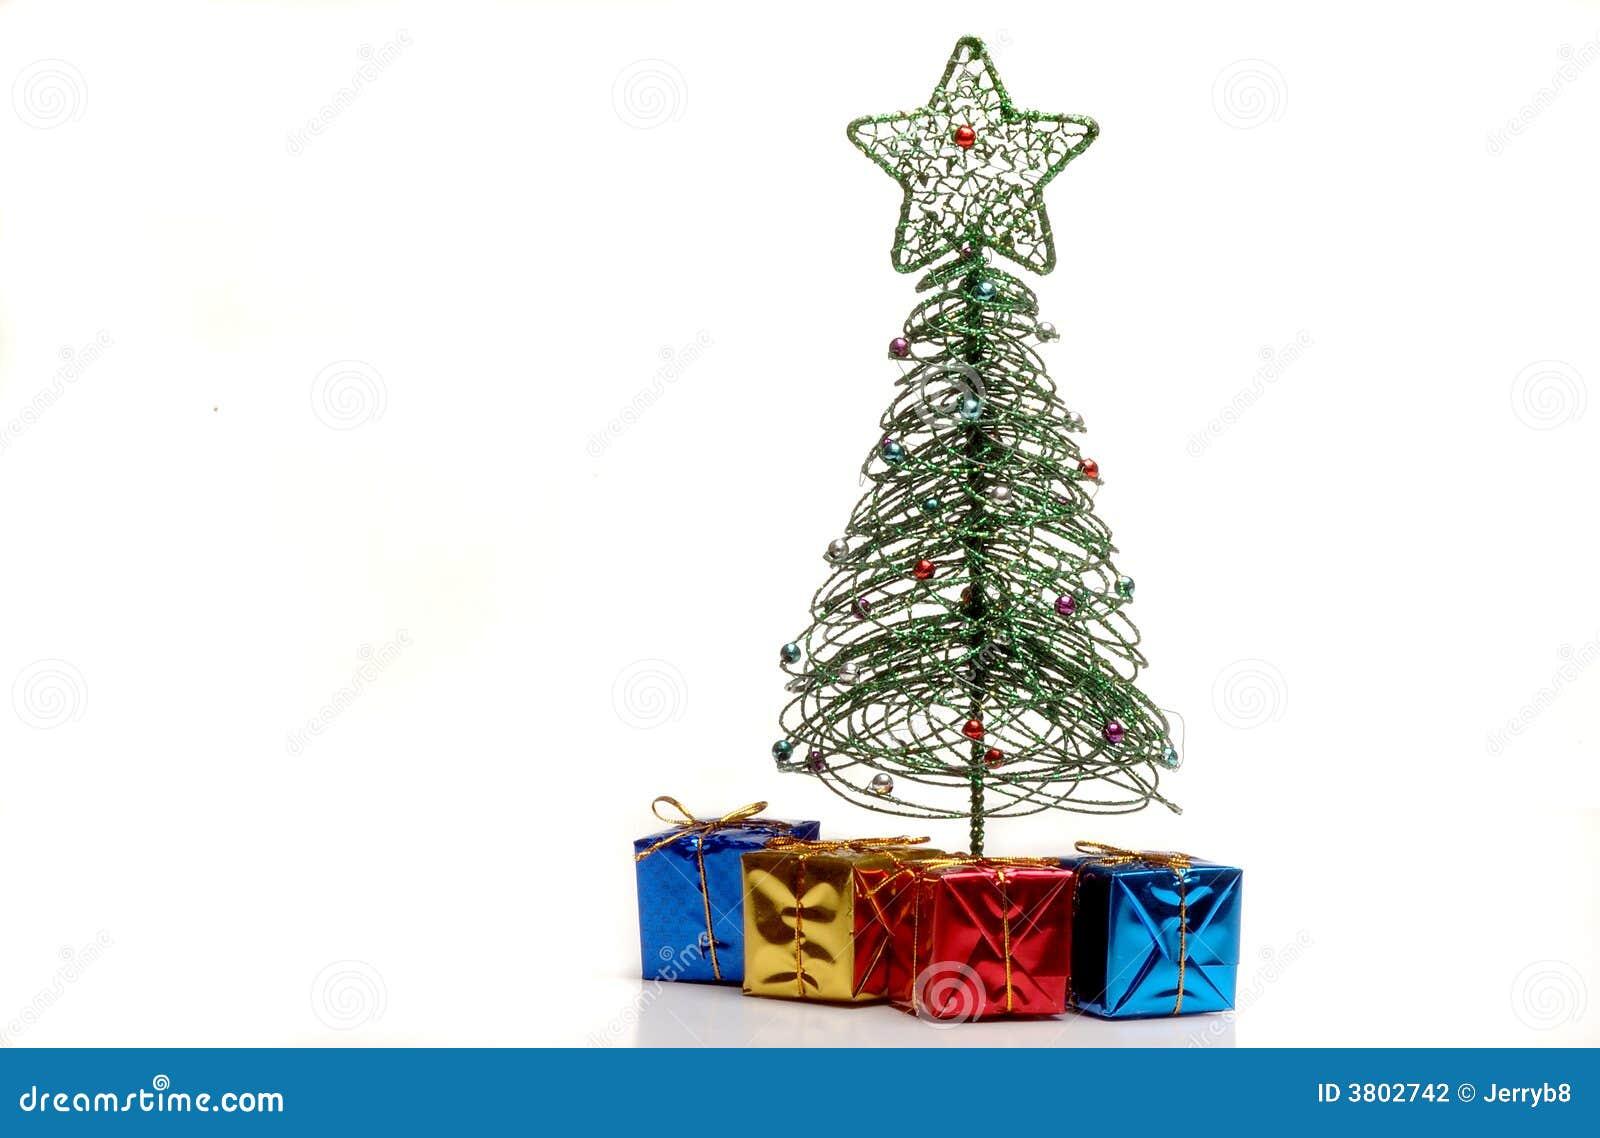 Regalos bajo el rbol de navidad foto de archivo imagen for Arbol de navidad mural